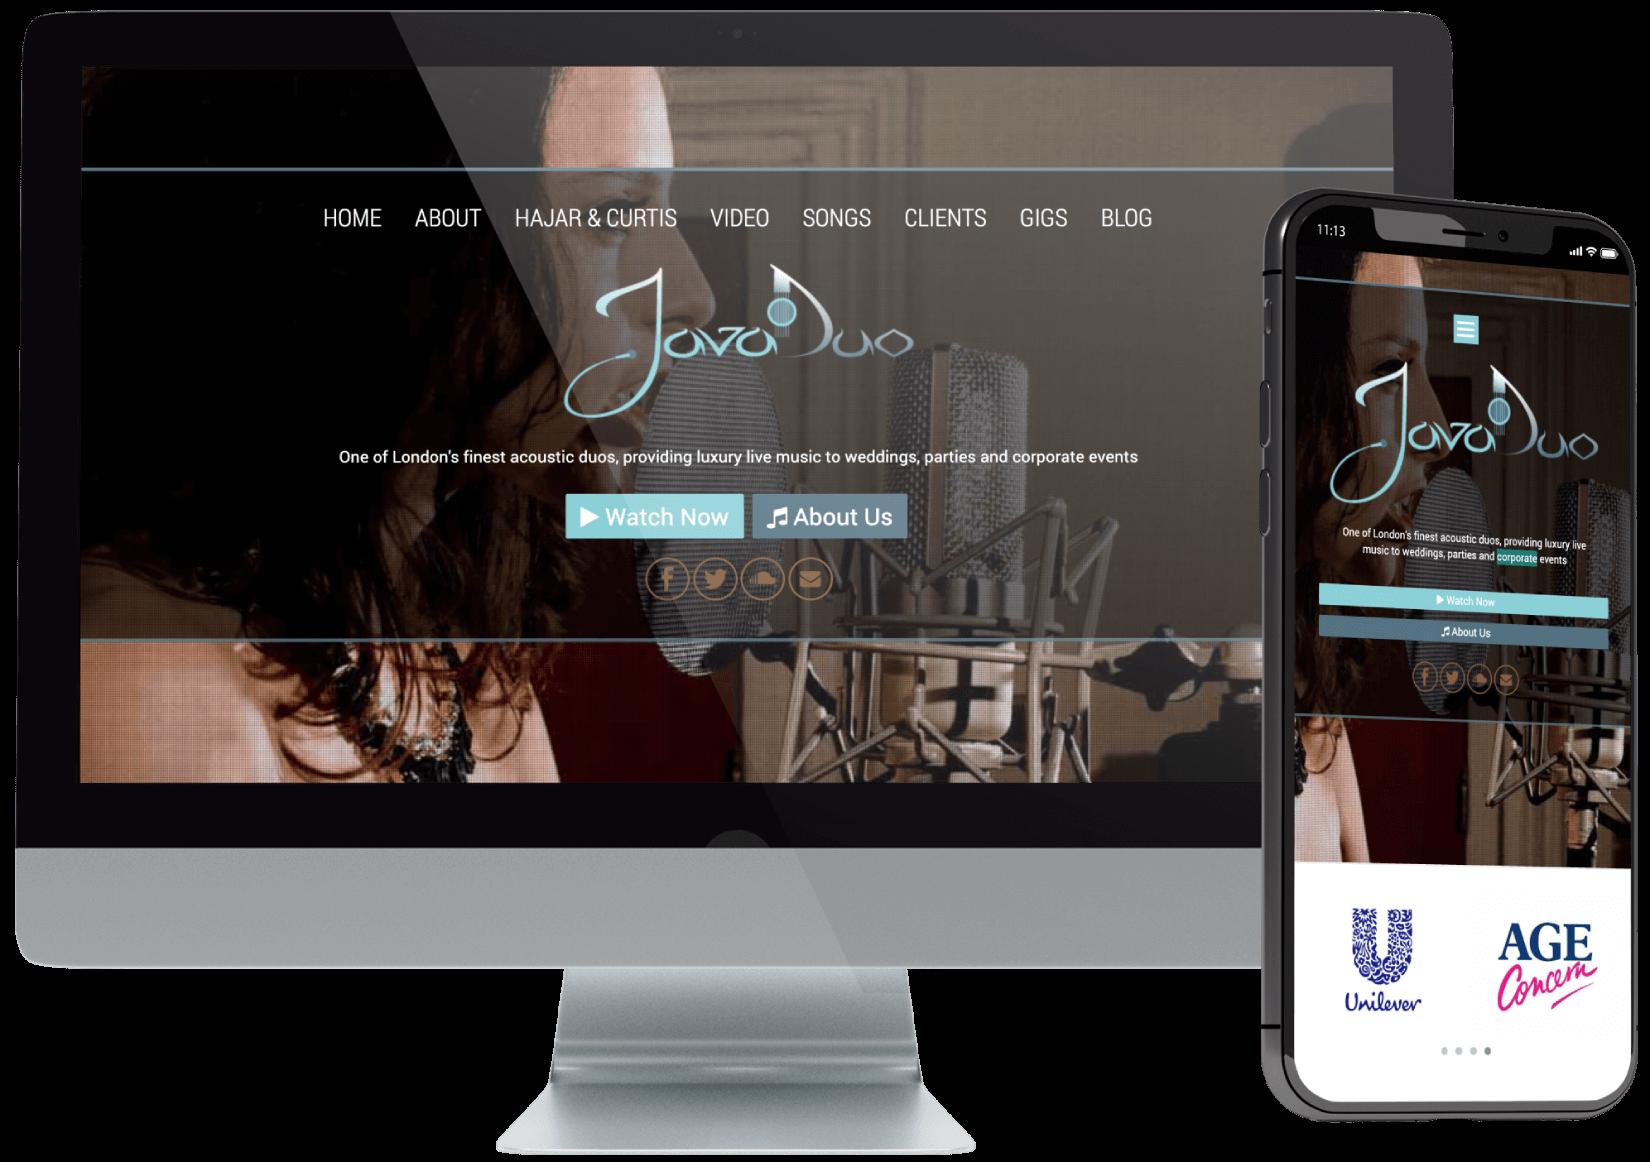 Javaduo Website Development